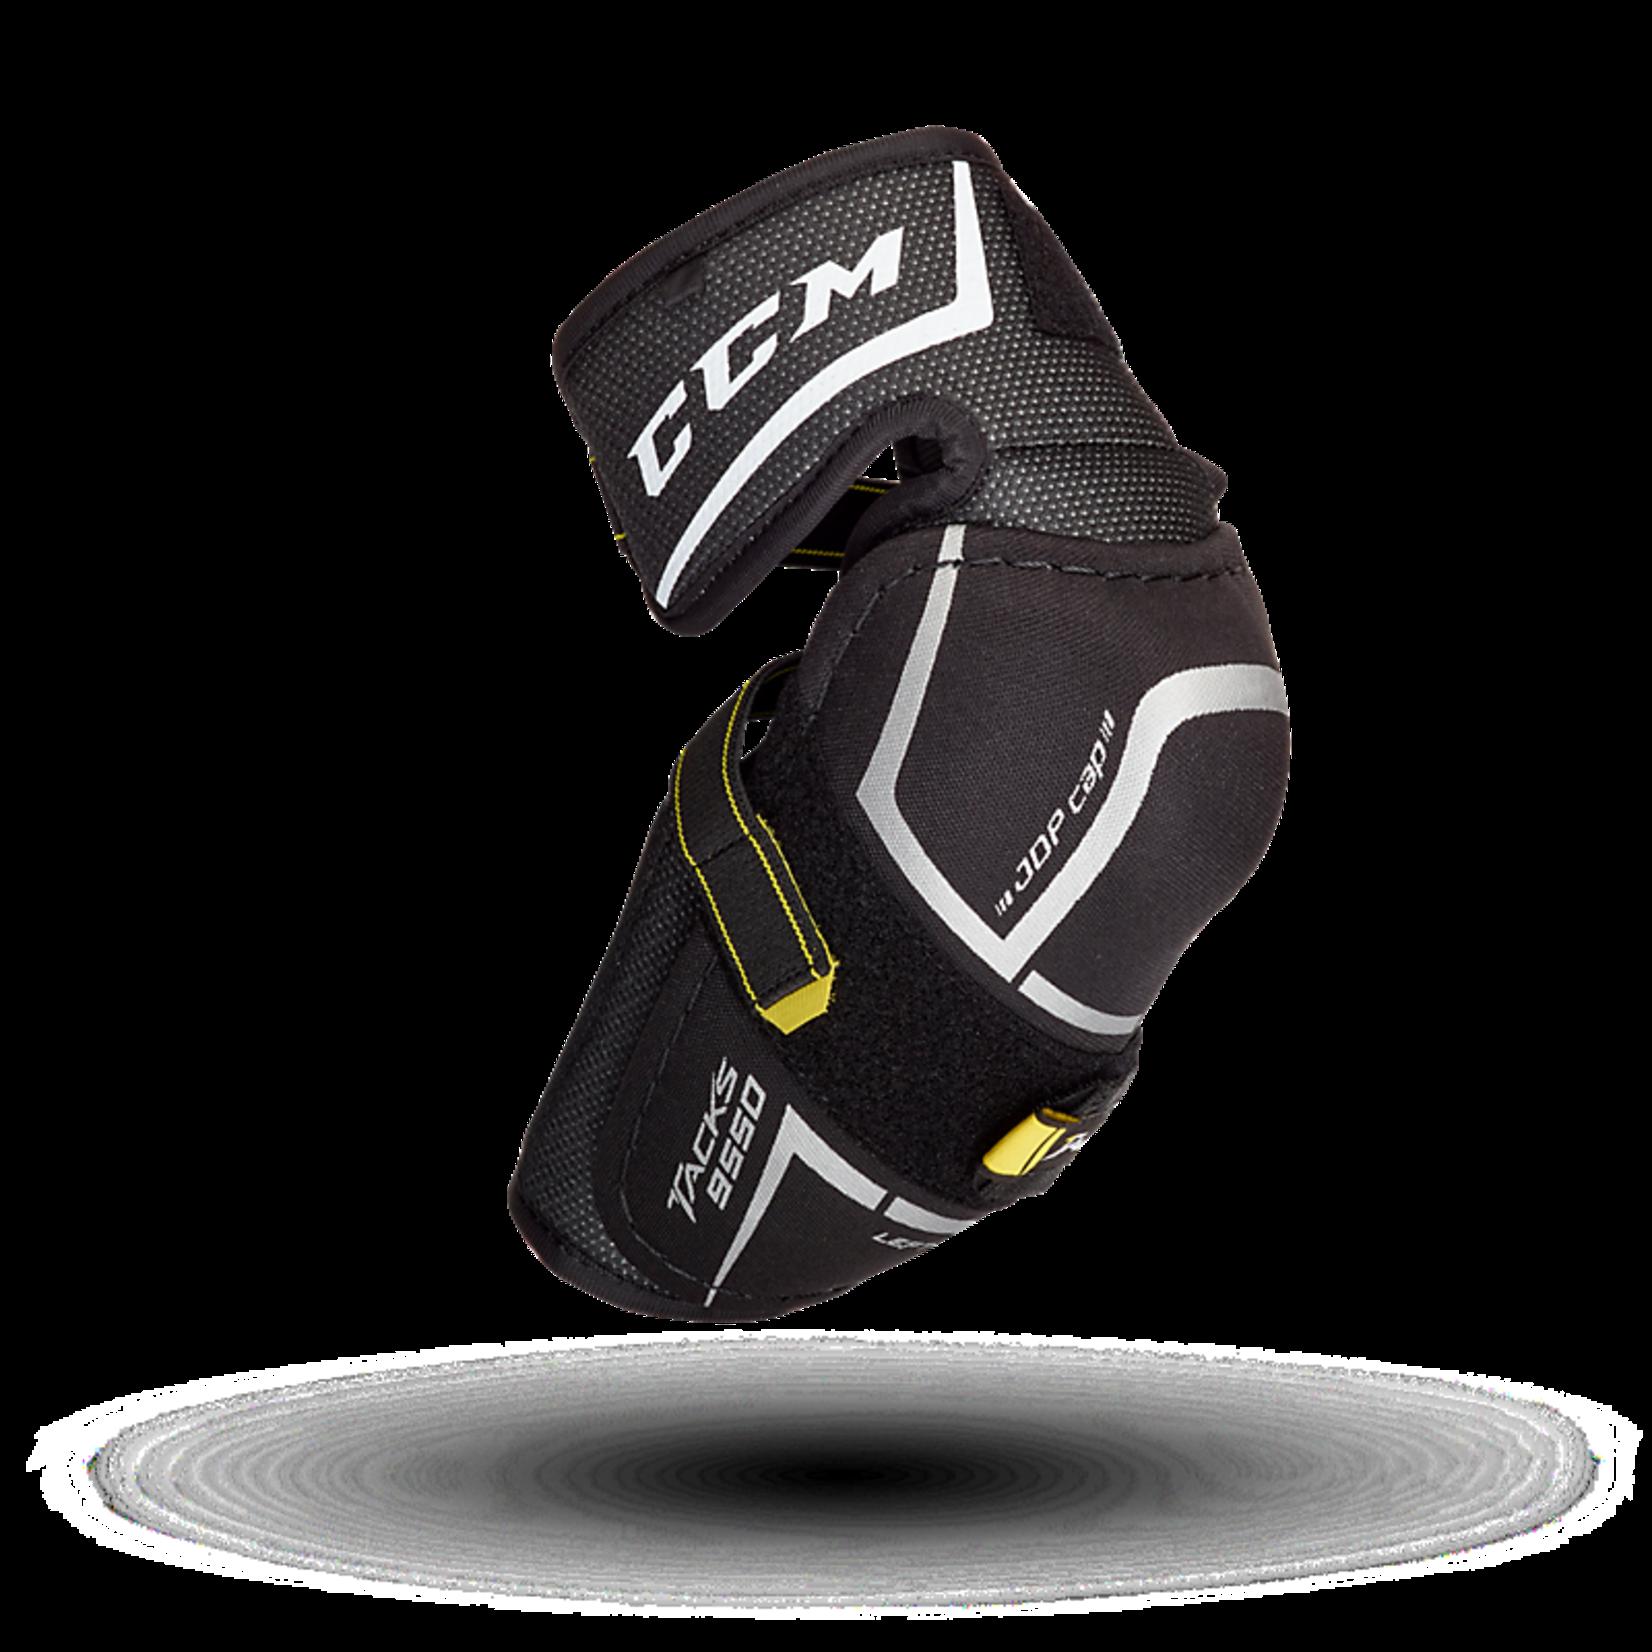 CCM CCM Hockey Elbow Pads, Tacks 9550, Junior